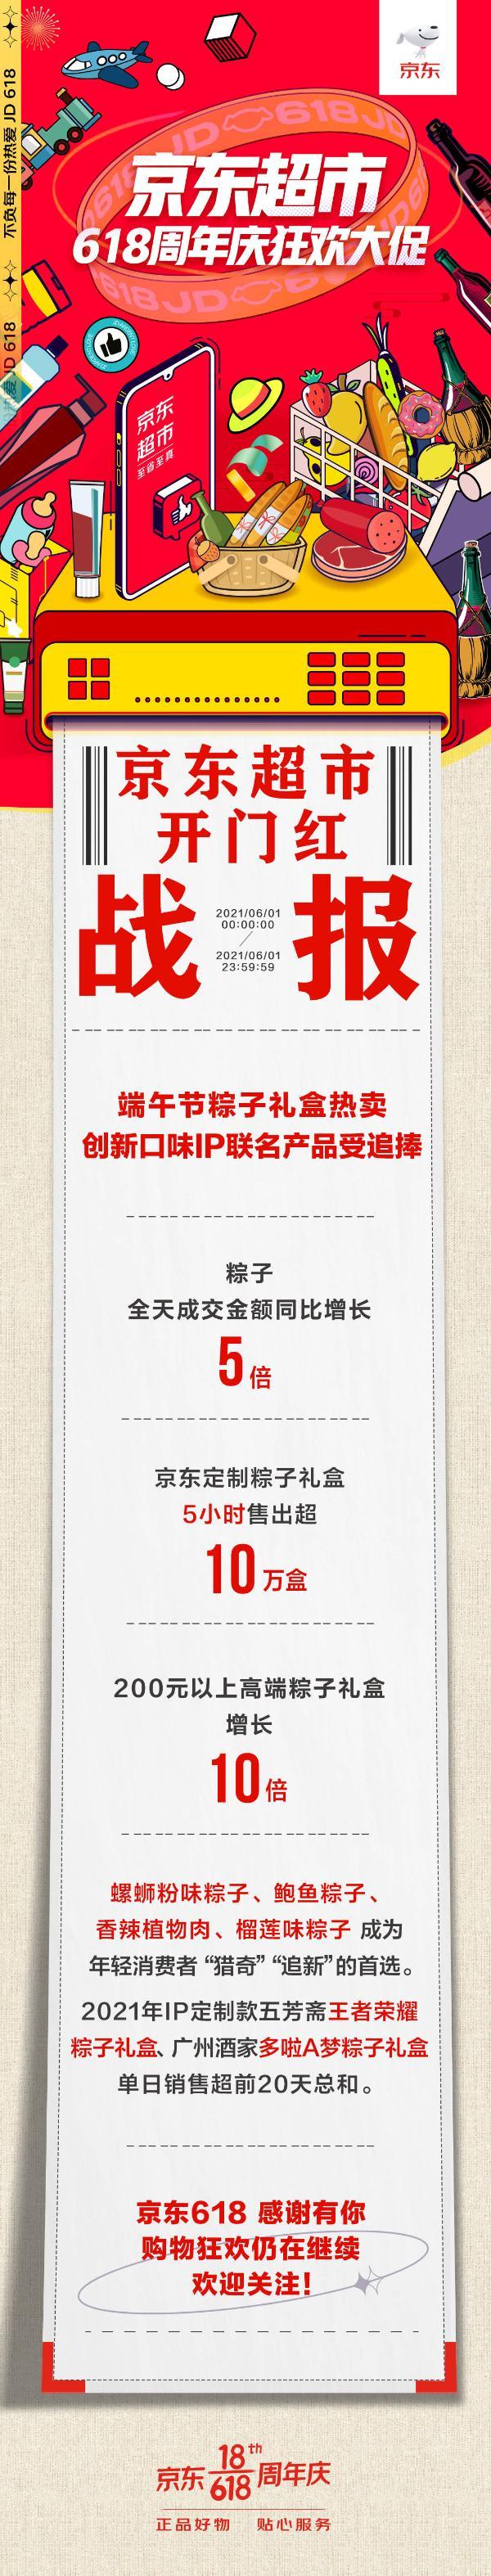 京东超市618开门红全天战报:儿童节积木、益智玩具、盲盒位列玩具TOP3